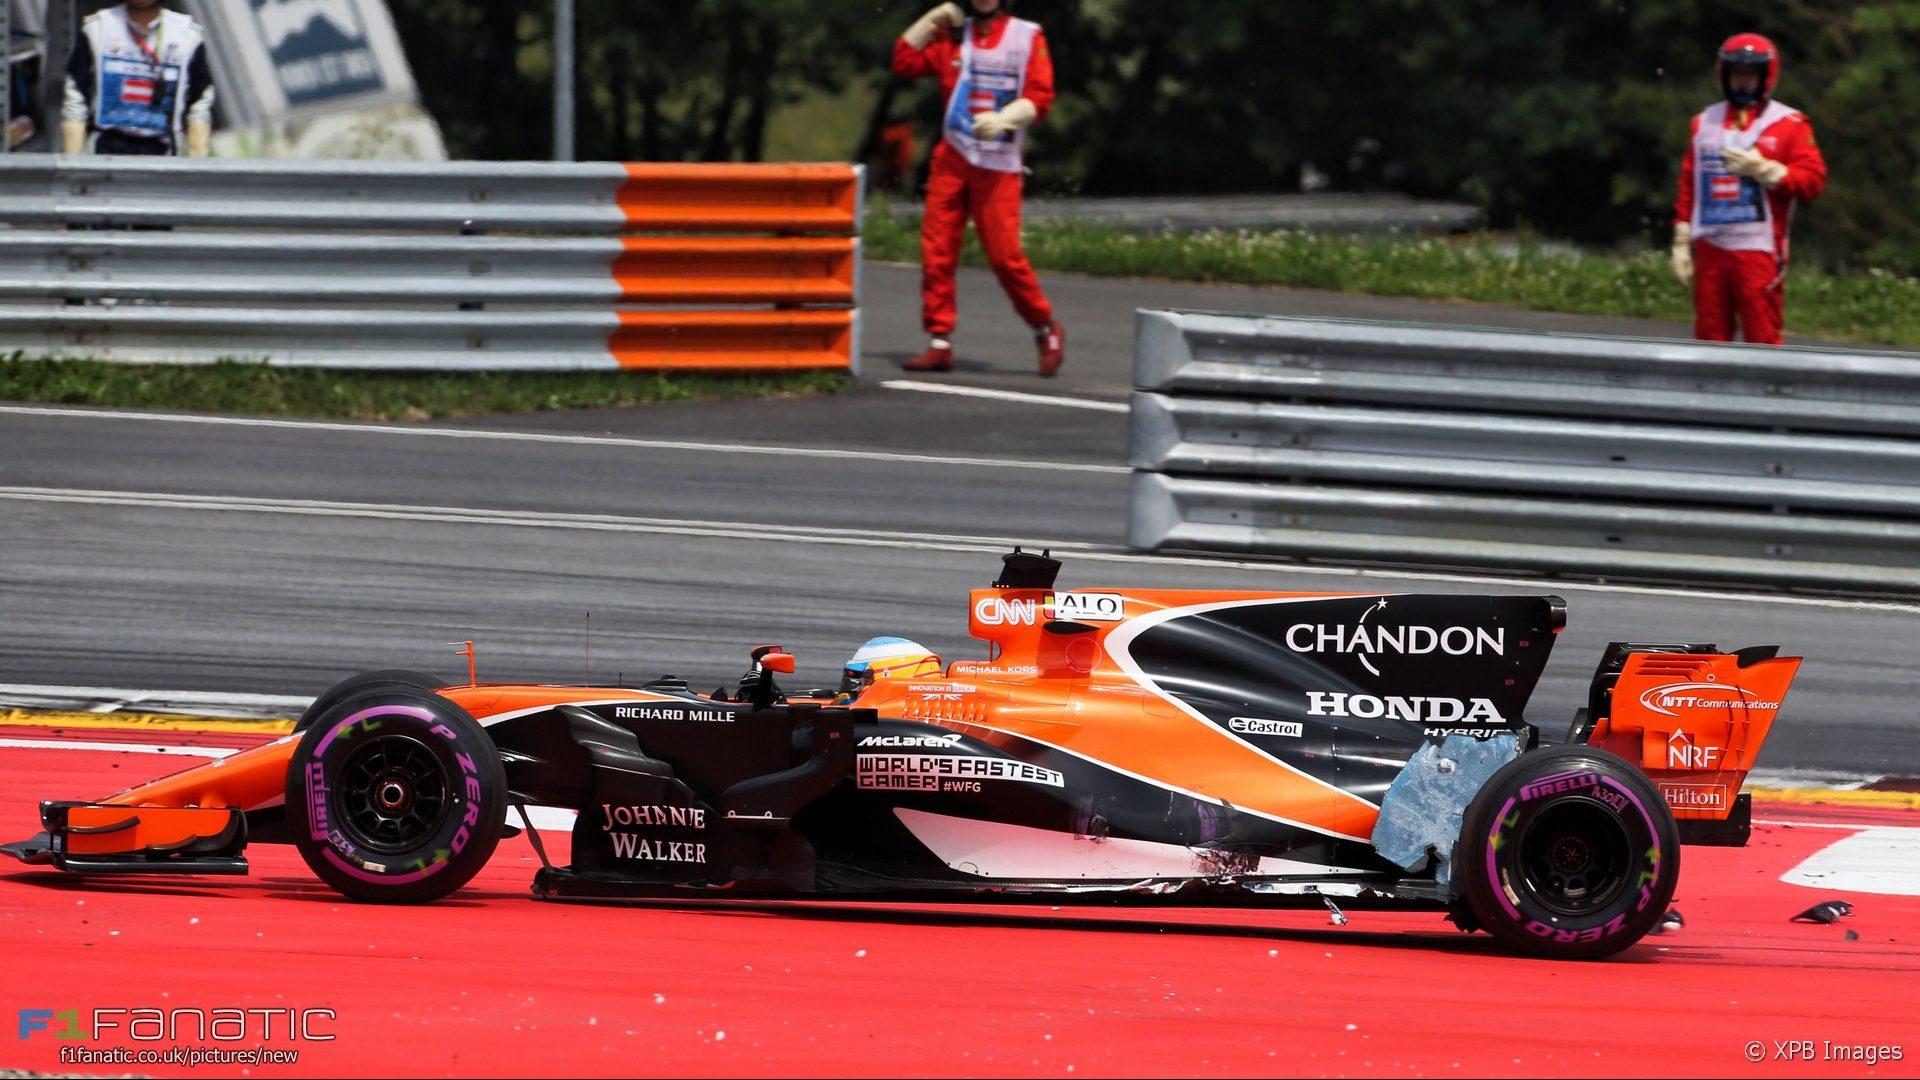 Fernando Alonso, McLaren, Red Bull Ring, 2017